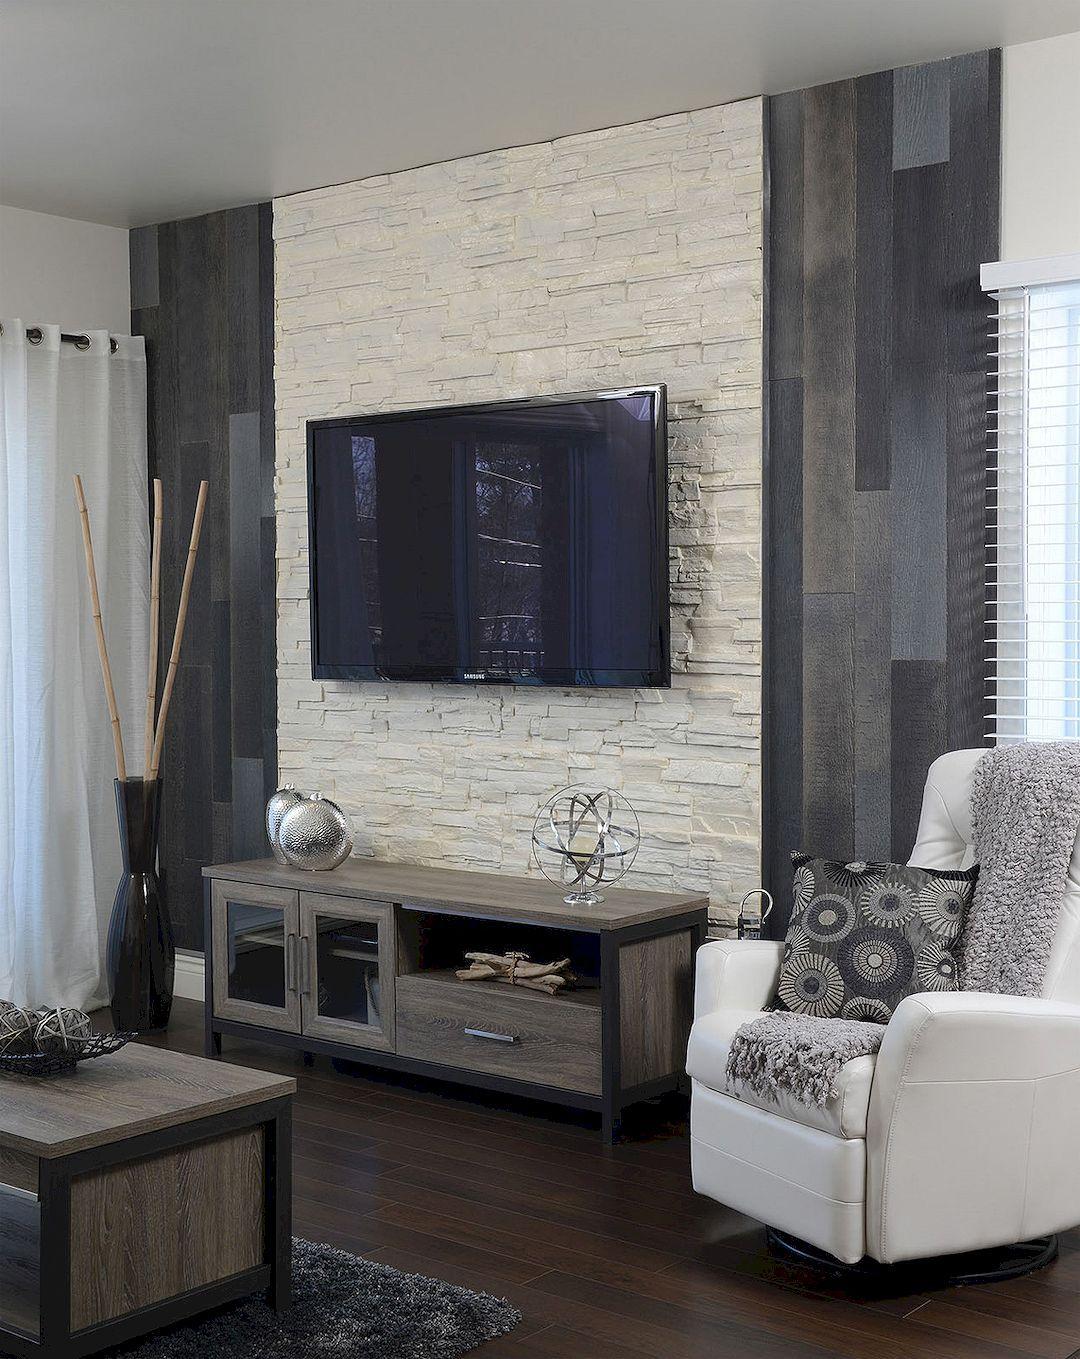 Home Tv Room Design Ideas: Unconventional Interior Home Designs